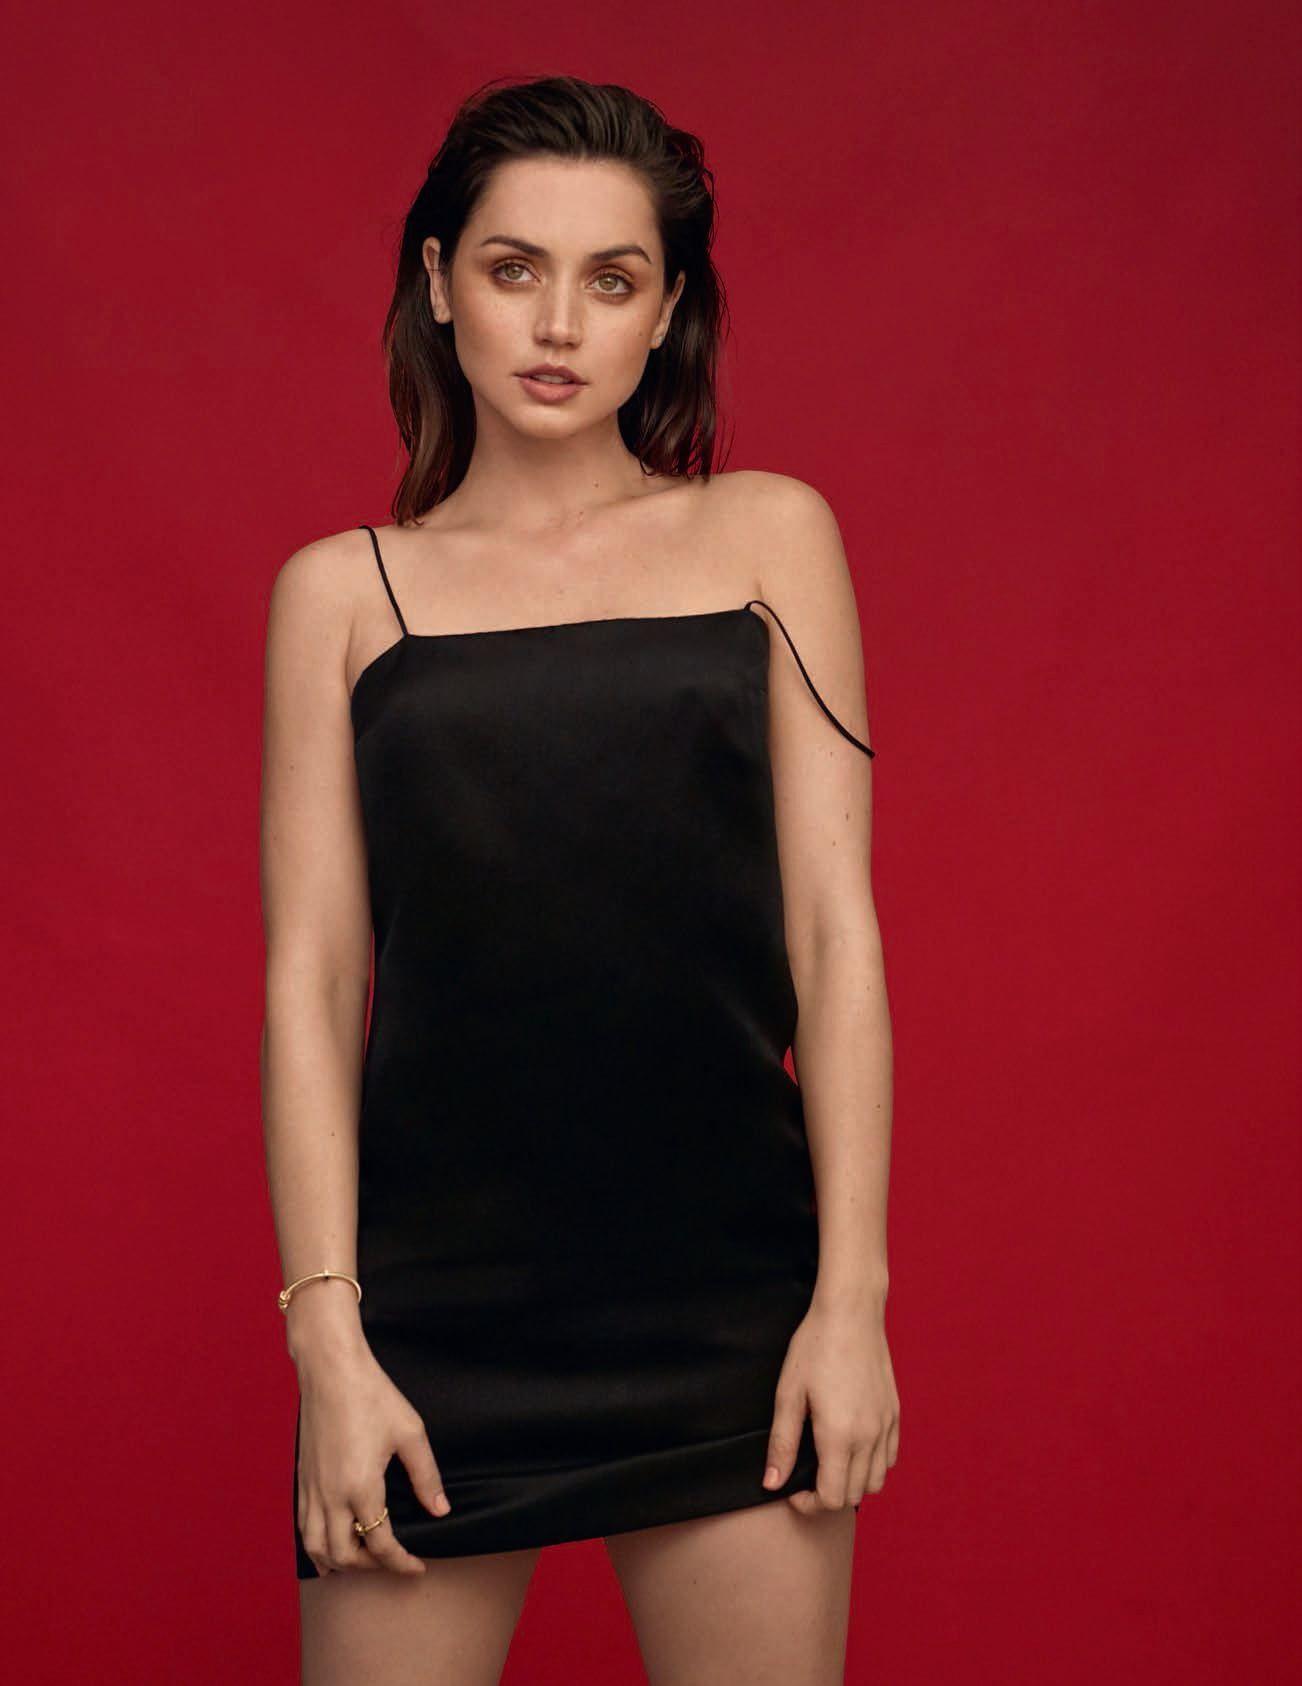 Ana De Armas Sexy – Vogue Spain April 2020 Issue 0005